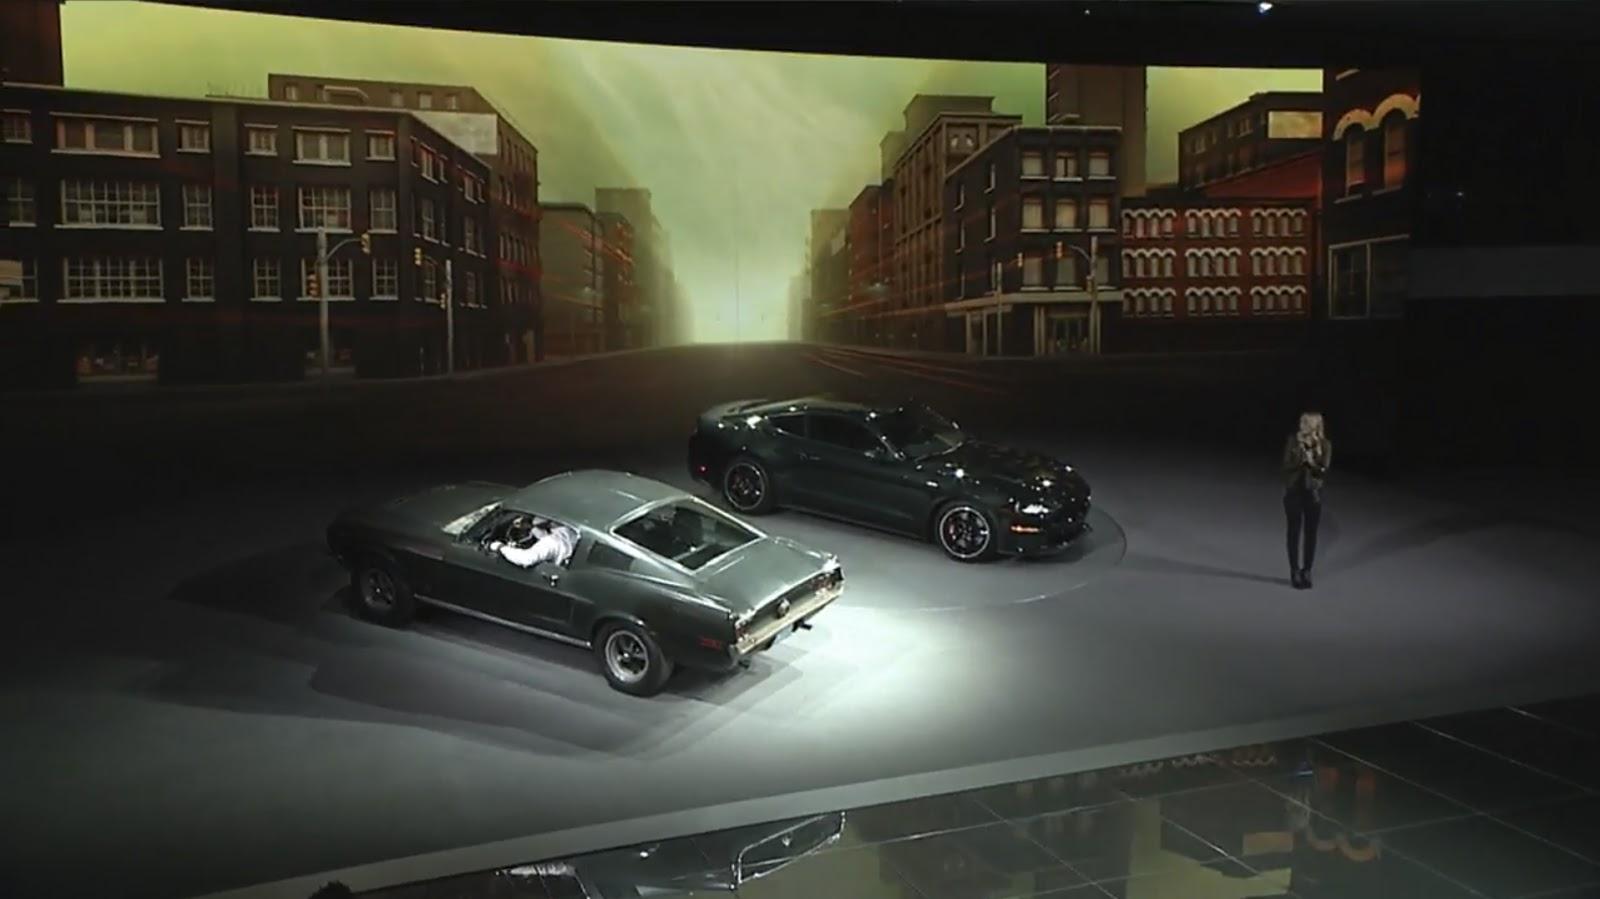 2019-Ford-Mustang-Bullitt-2.jpg